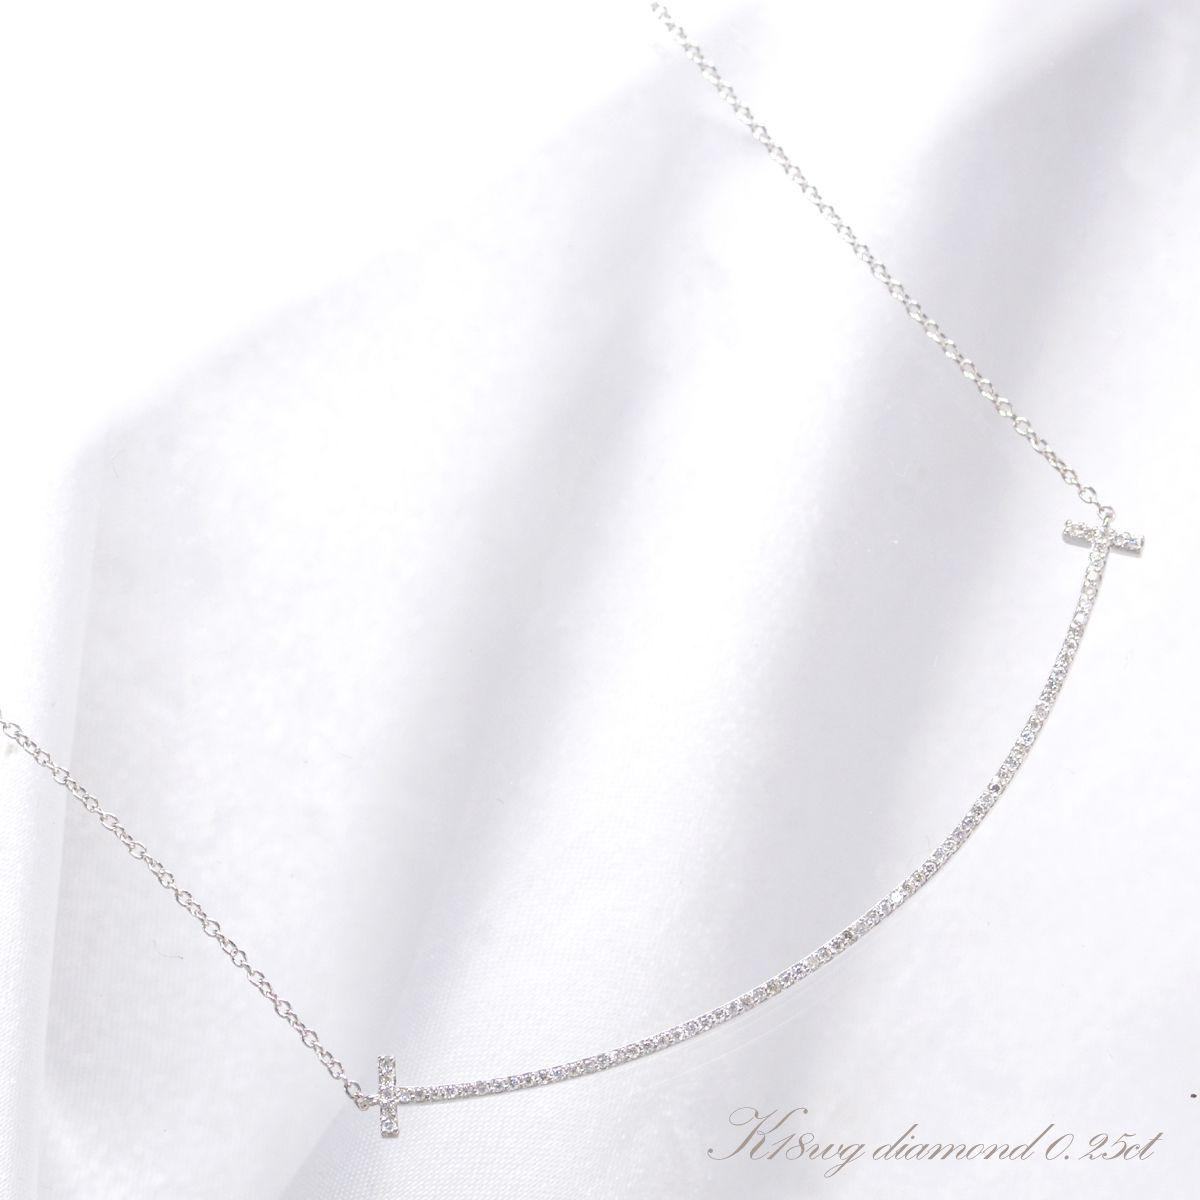 K18WG ダイヤモンドネックレス/送料無料